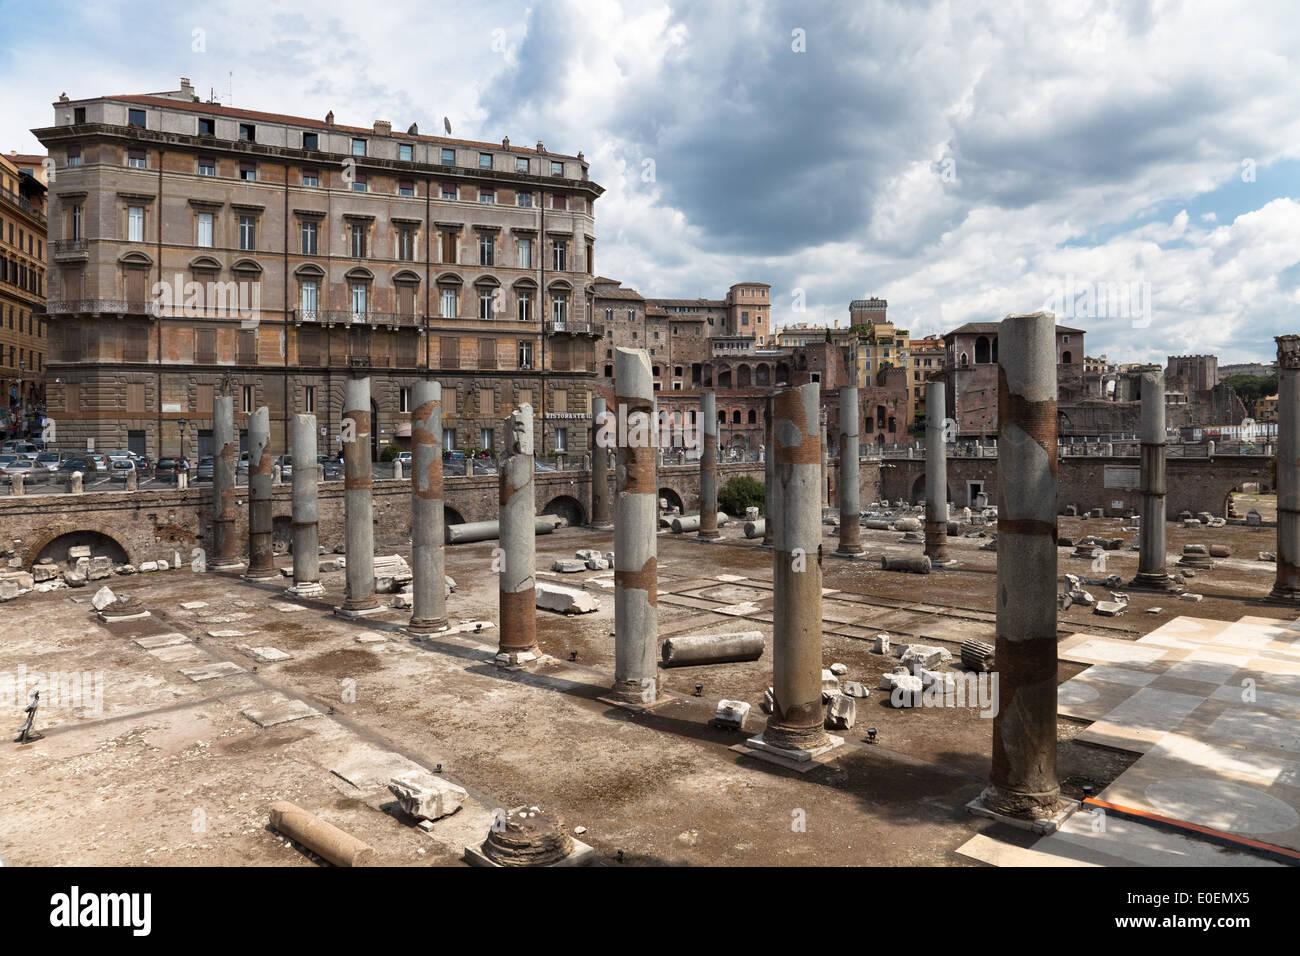 Forum Imperiali, Rom, Italien - Forum Imperiali, Rom, Italien Stockbild